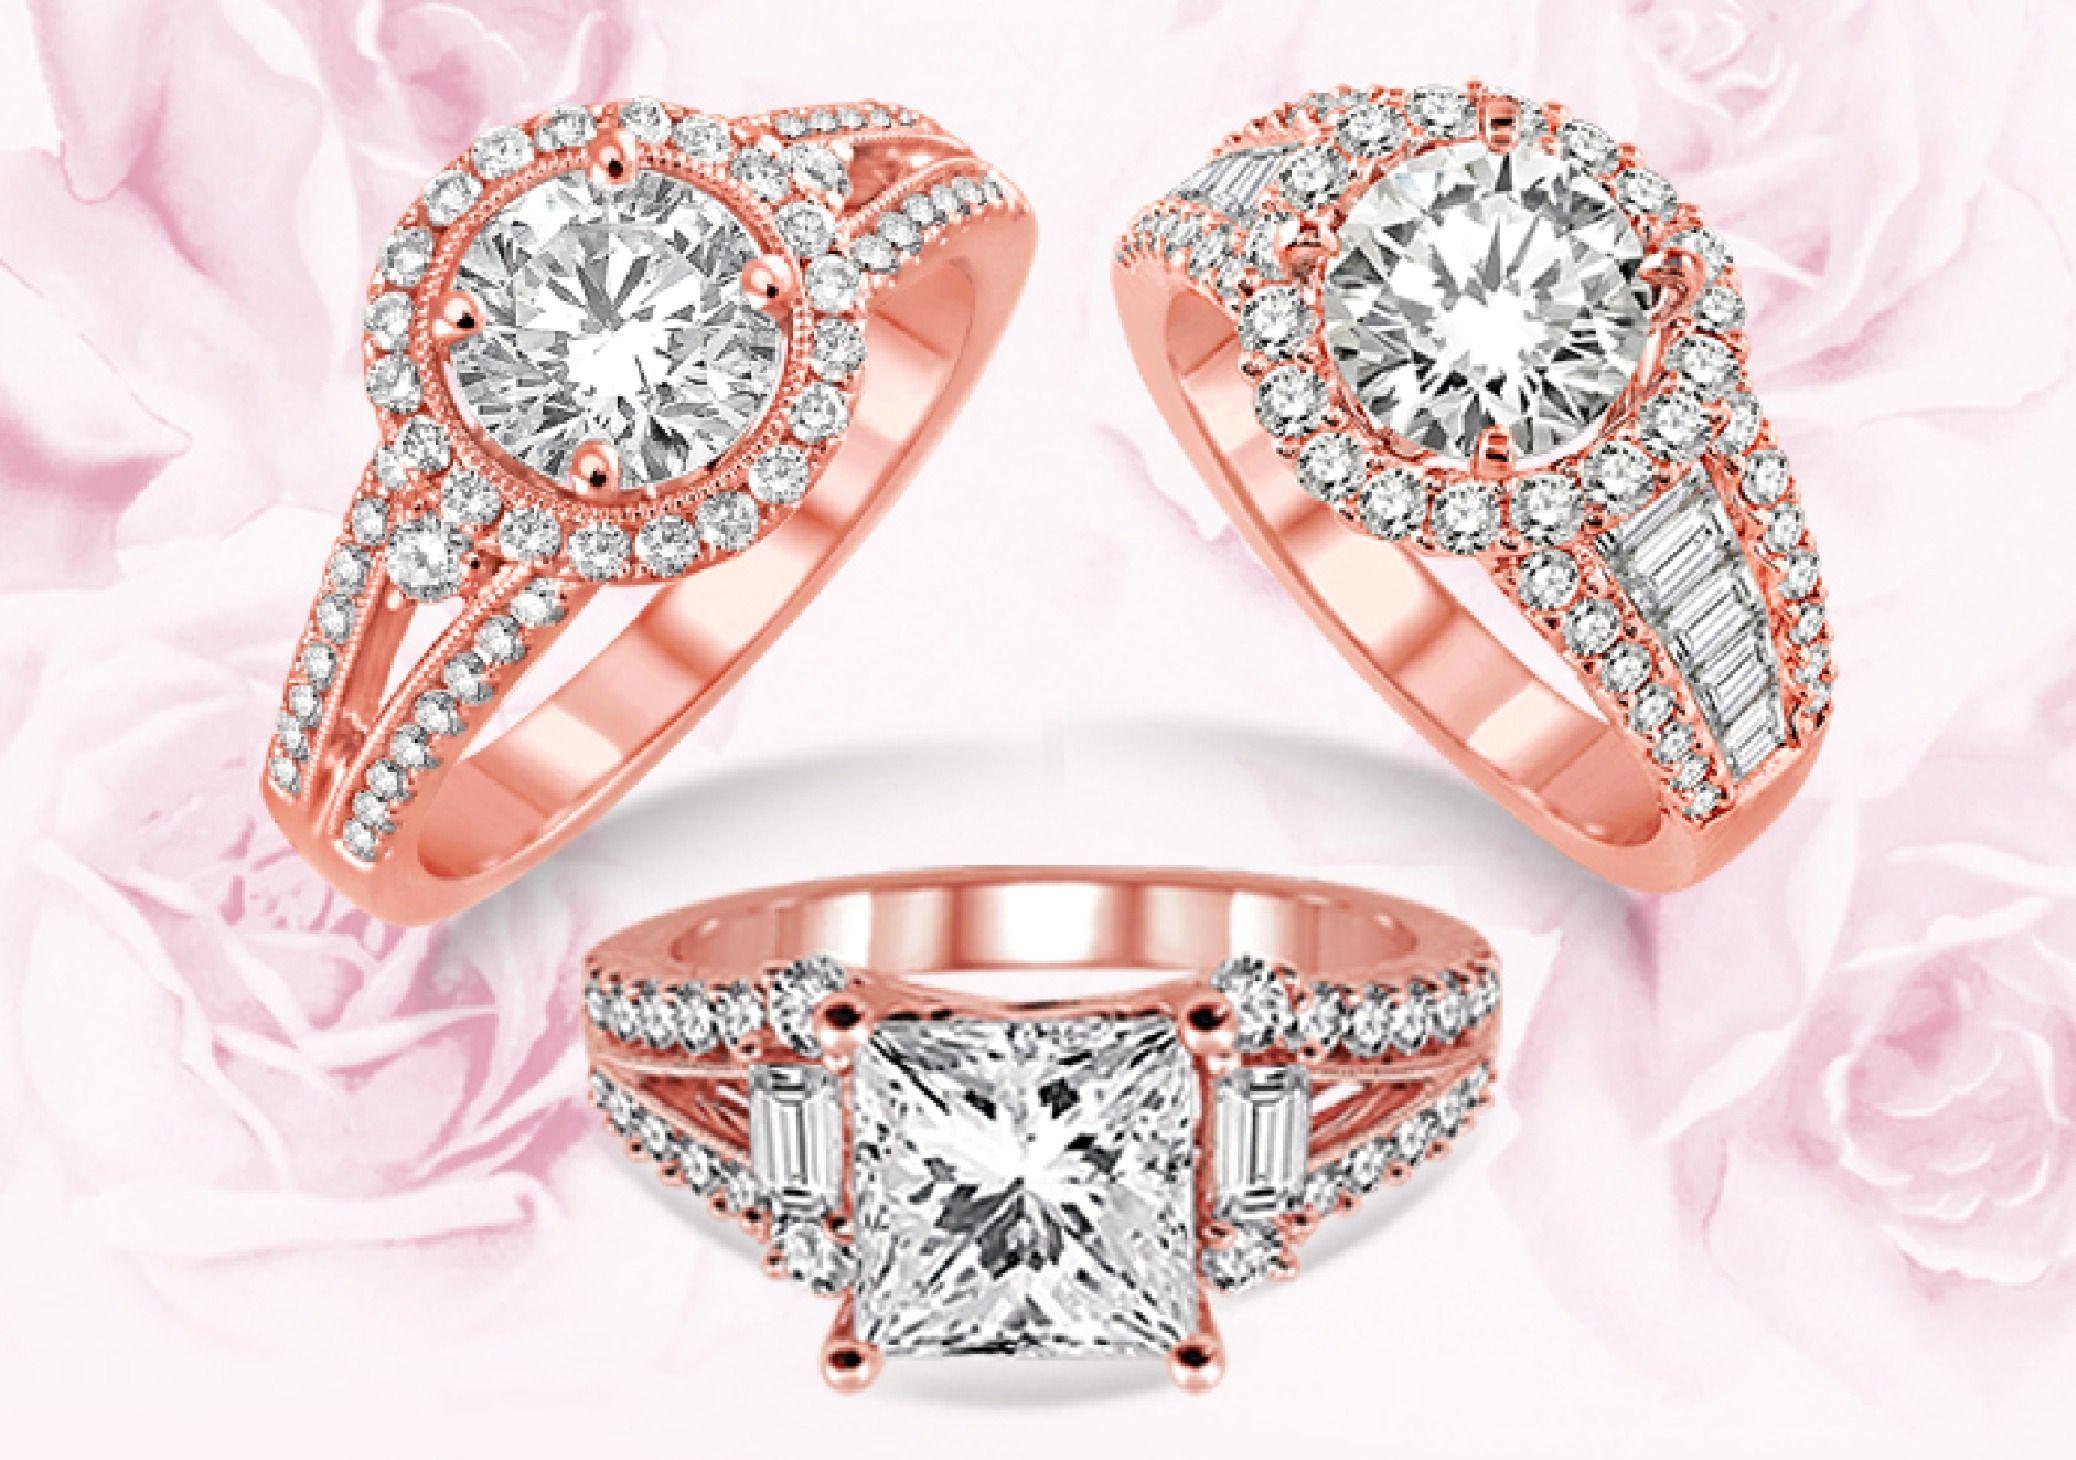 Rose Gold Diamond Rings | Ring | Pinterest | Rose gold diamond ring ...